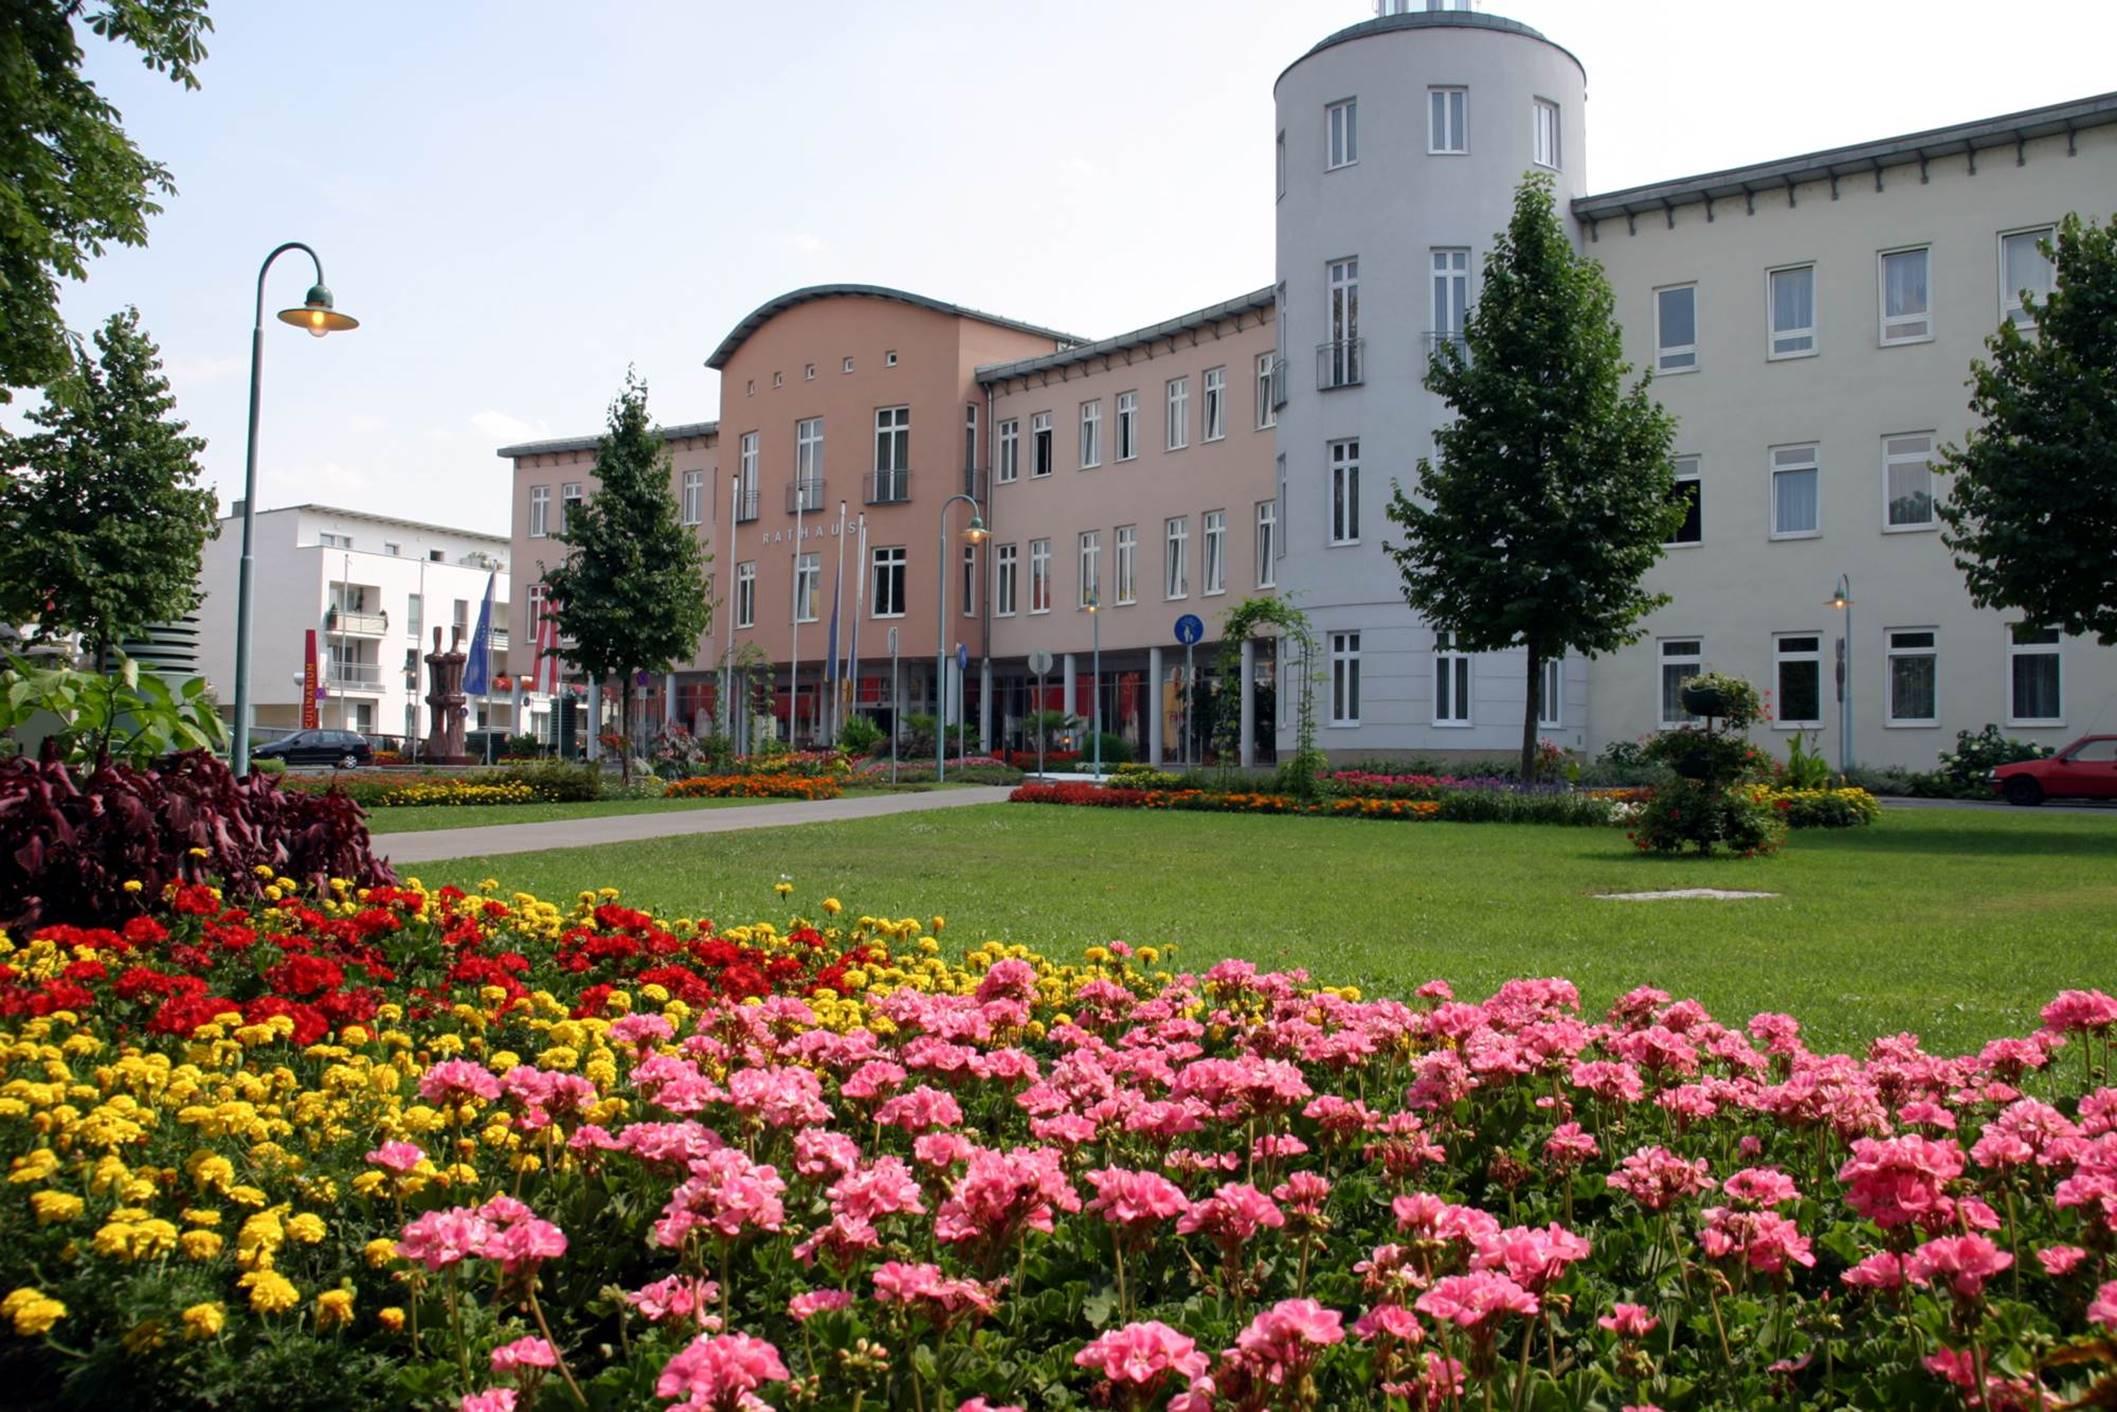 Stadtinfo: Schwechat 1